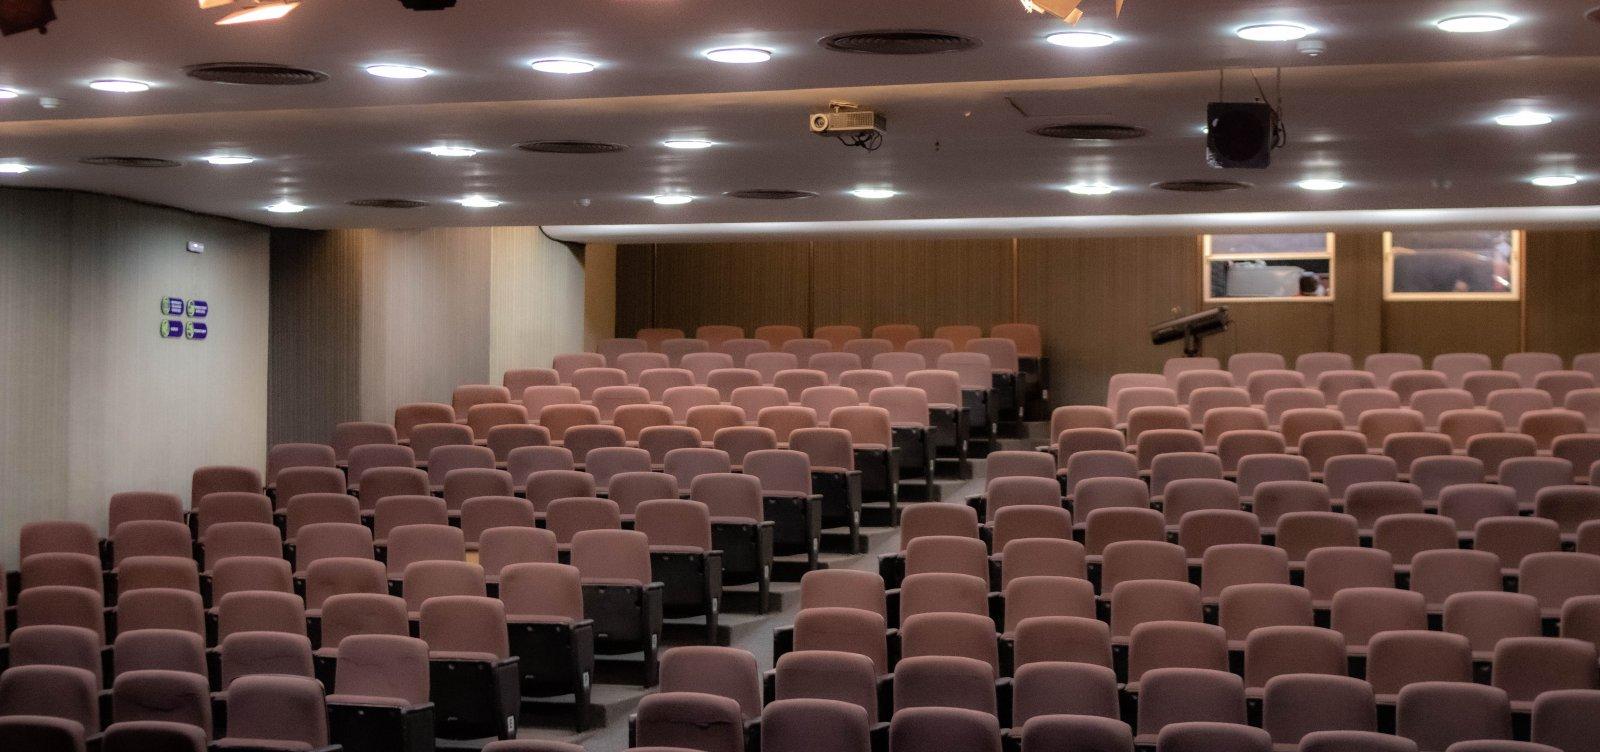 No dia nacional do teatro, reportagem multimídia revela os desafios do teatro virtual baiano durante a pandemia